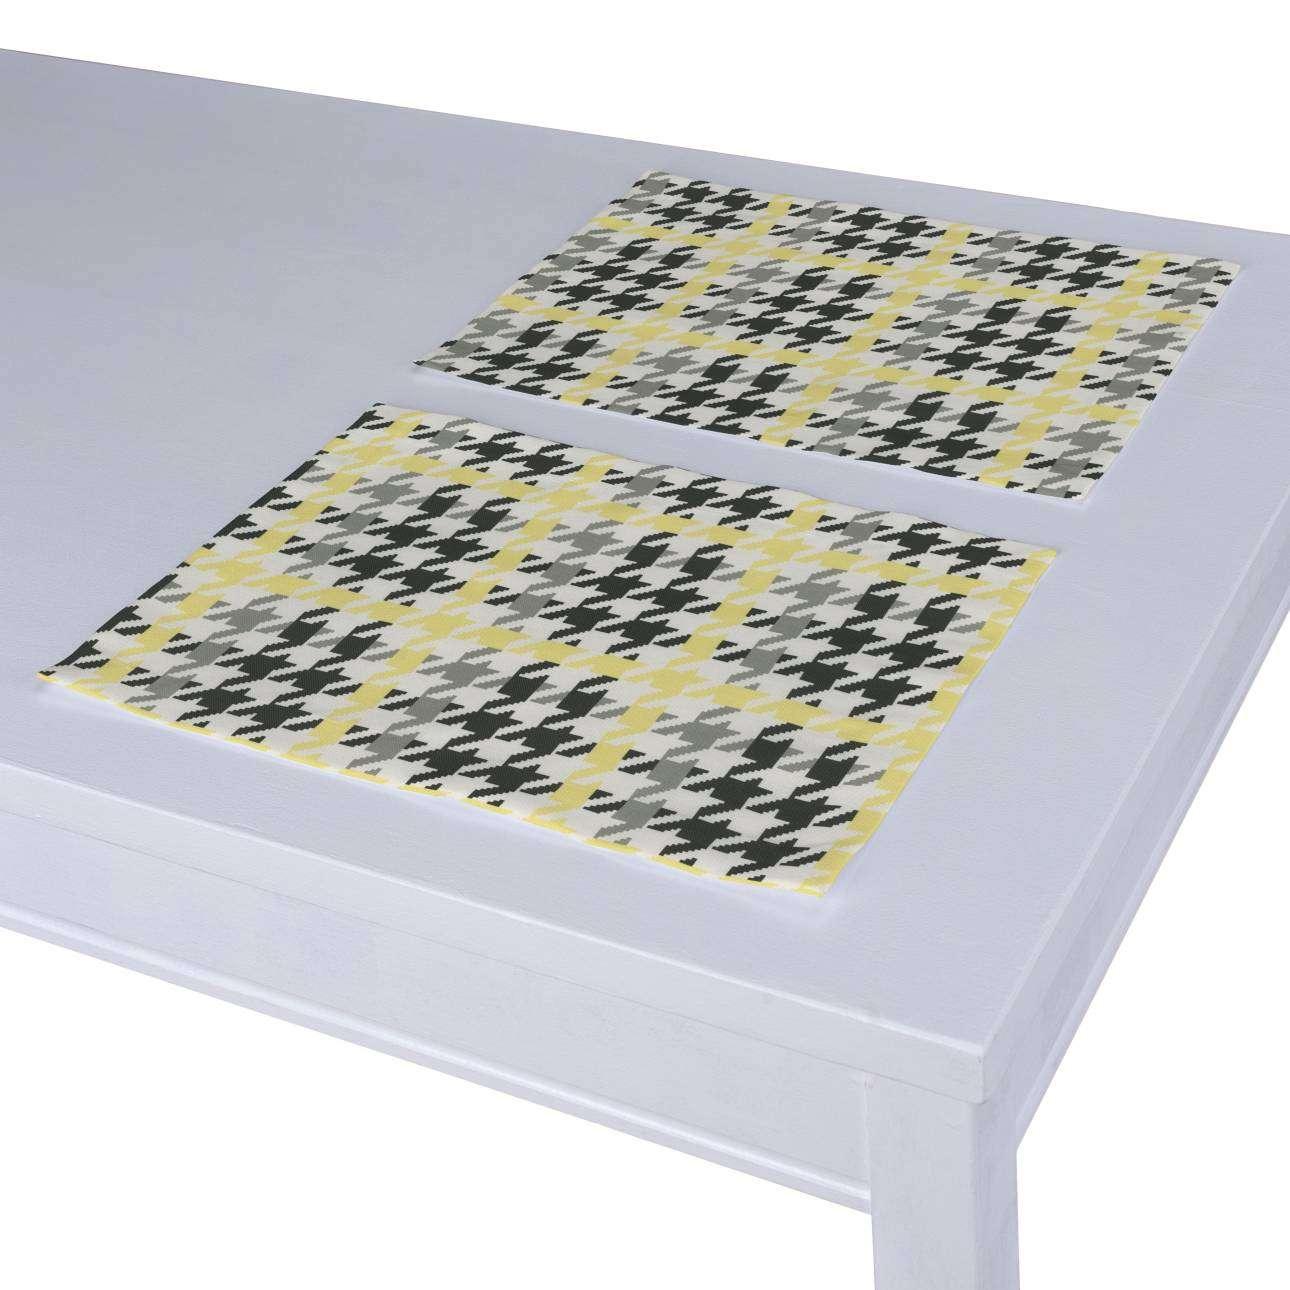 Tischset 2 Stck. 30 x 40 cm von der Kollektion Brooklyn, Stoff: 137-79